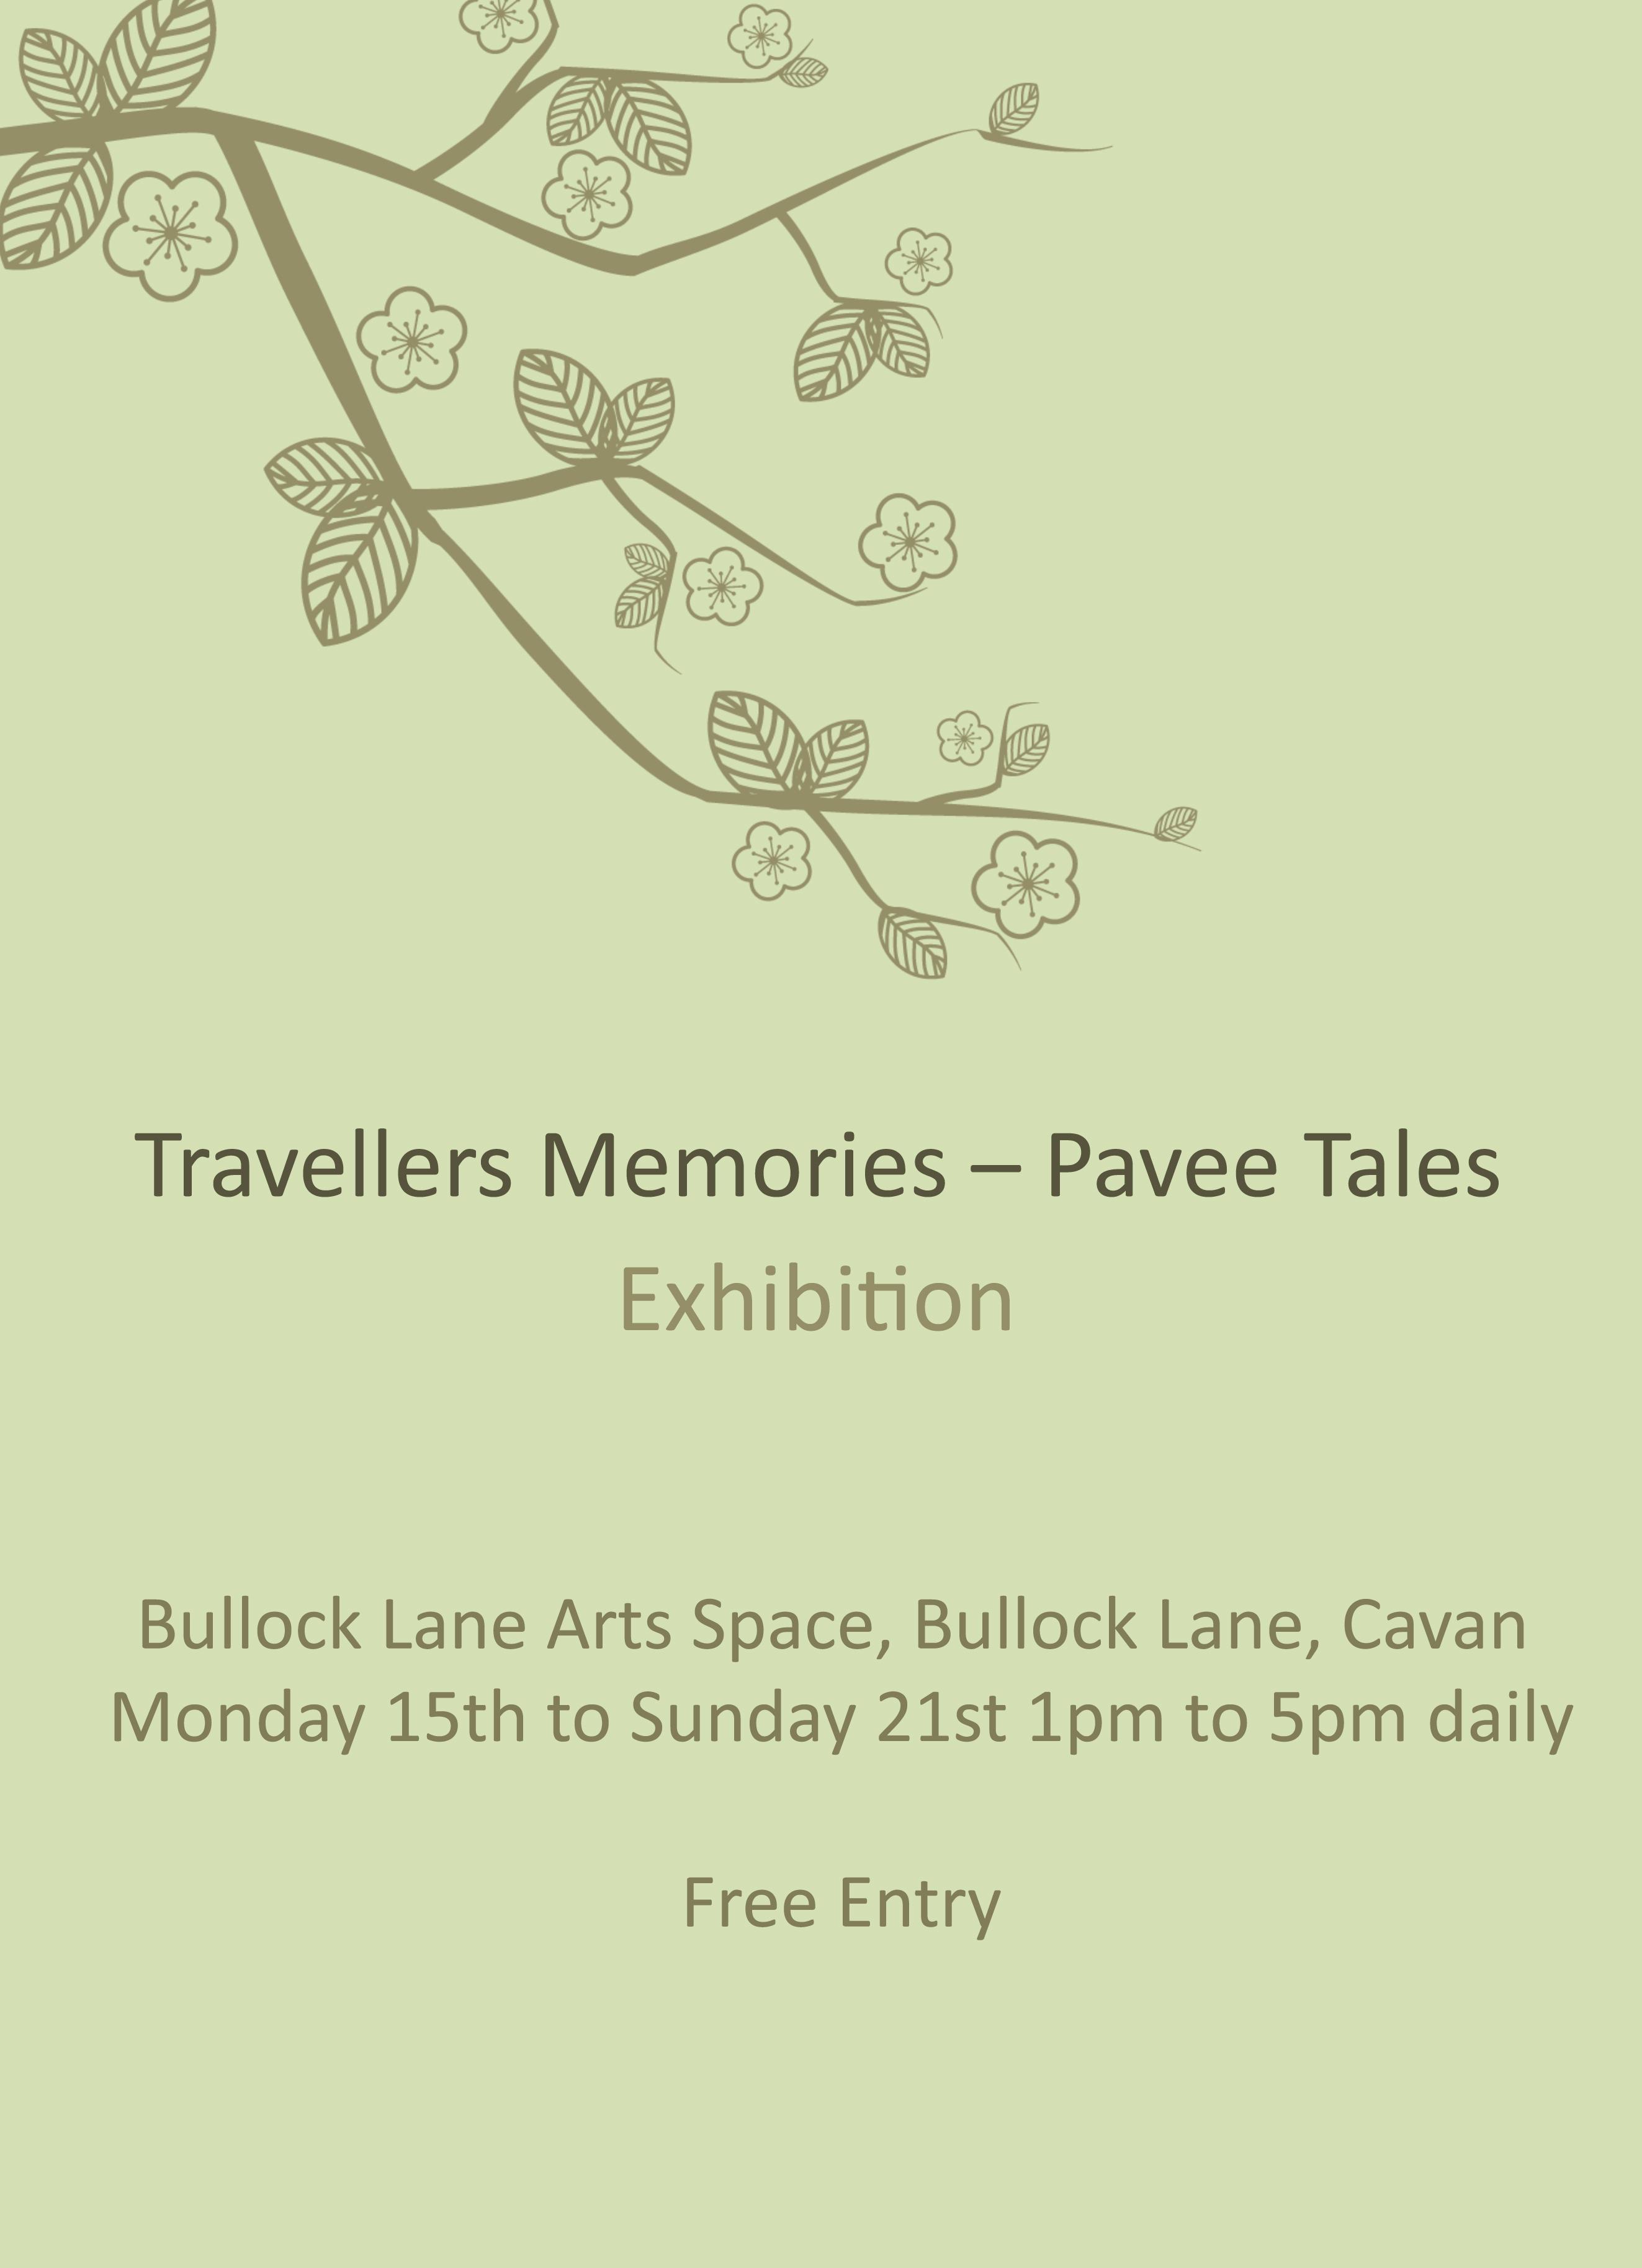 travellers memories poster